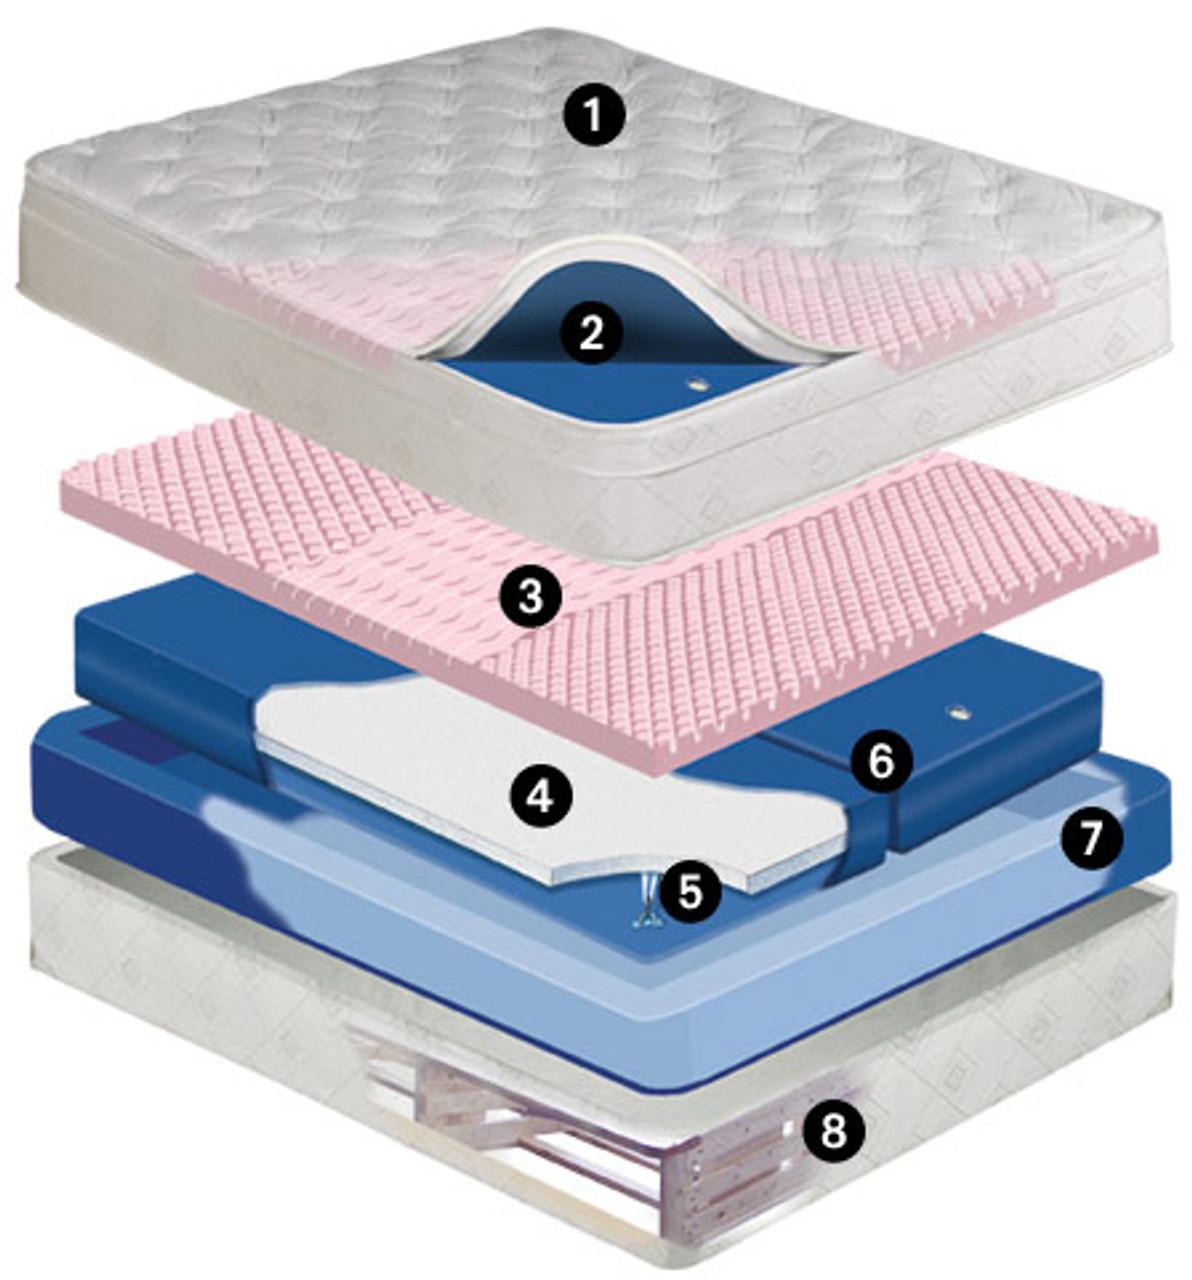 Brighton Shallow Fill 9 inch softside waterbed mattress Dual Chamber Waveless Mattress